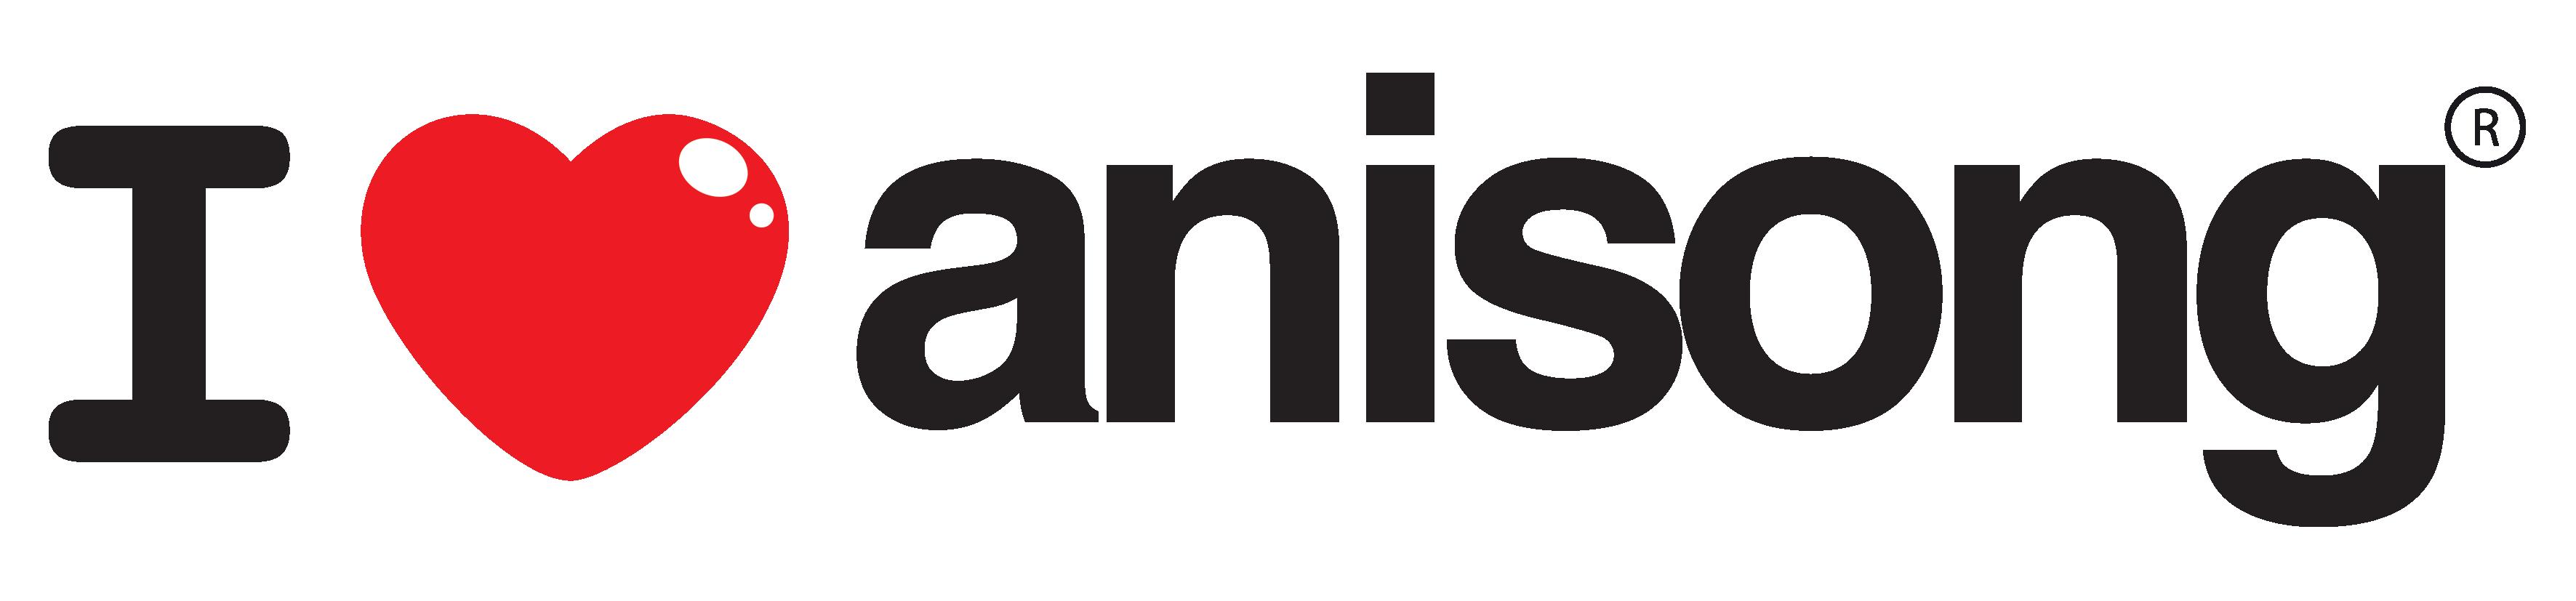 I ♥ anisong logo